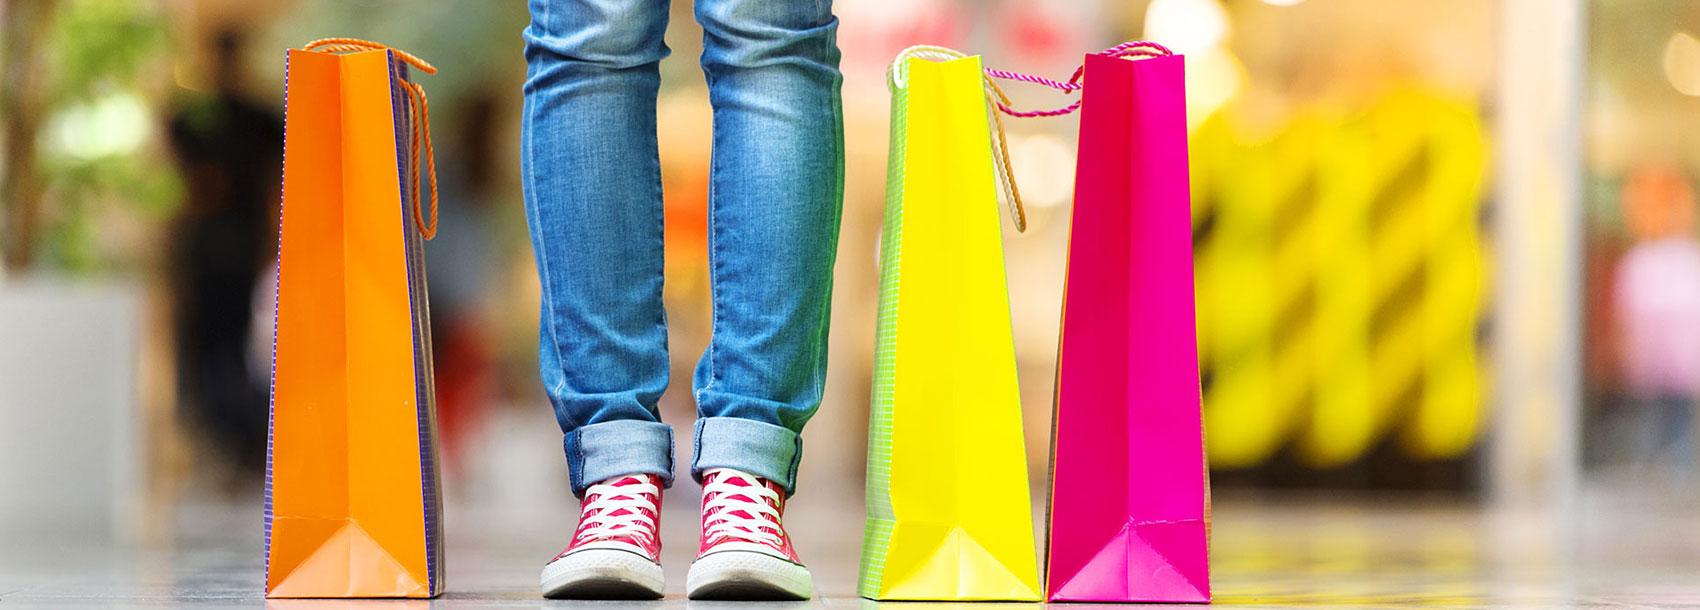 Χάρτινες τσάντες, Πλαστικές τσάντες, Υφασμάτινες τσάντες, Οικολογικές τσάντες, Non-woven, Οικολογική συσκευασία